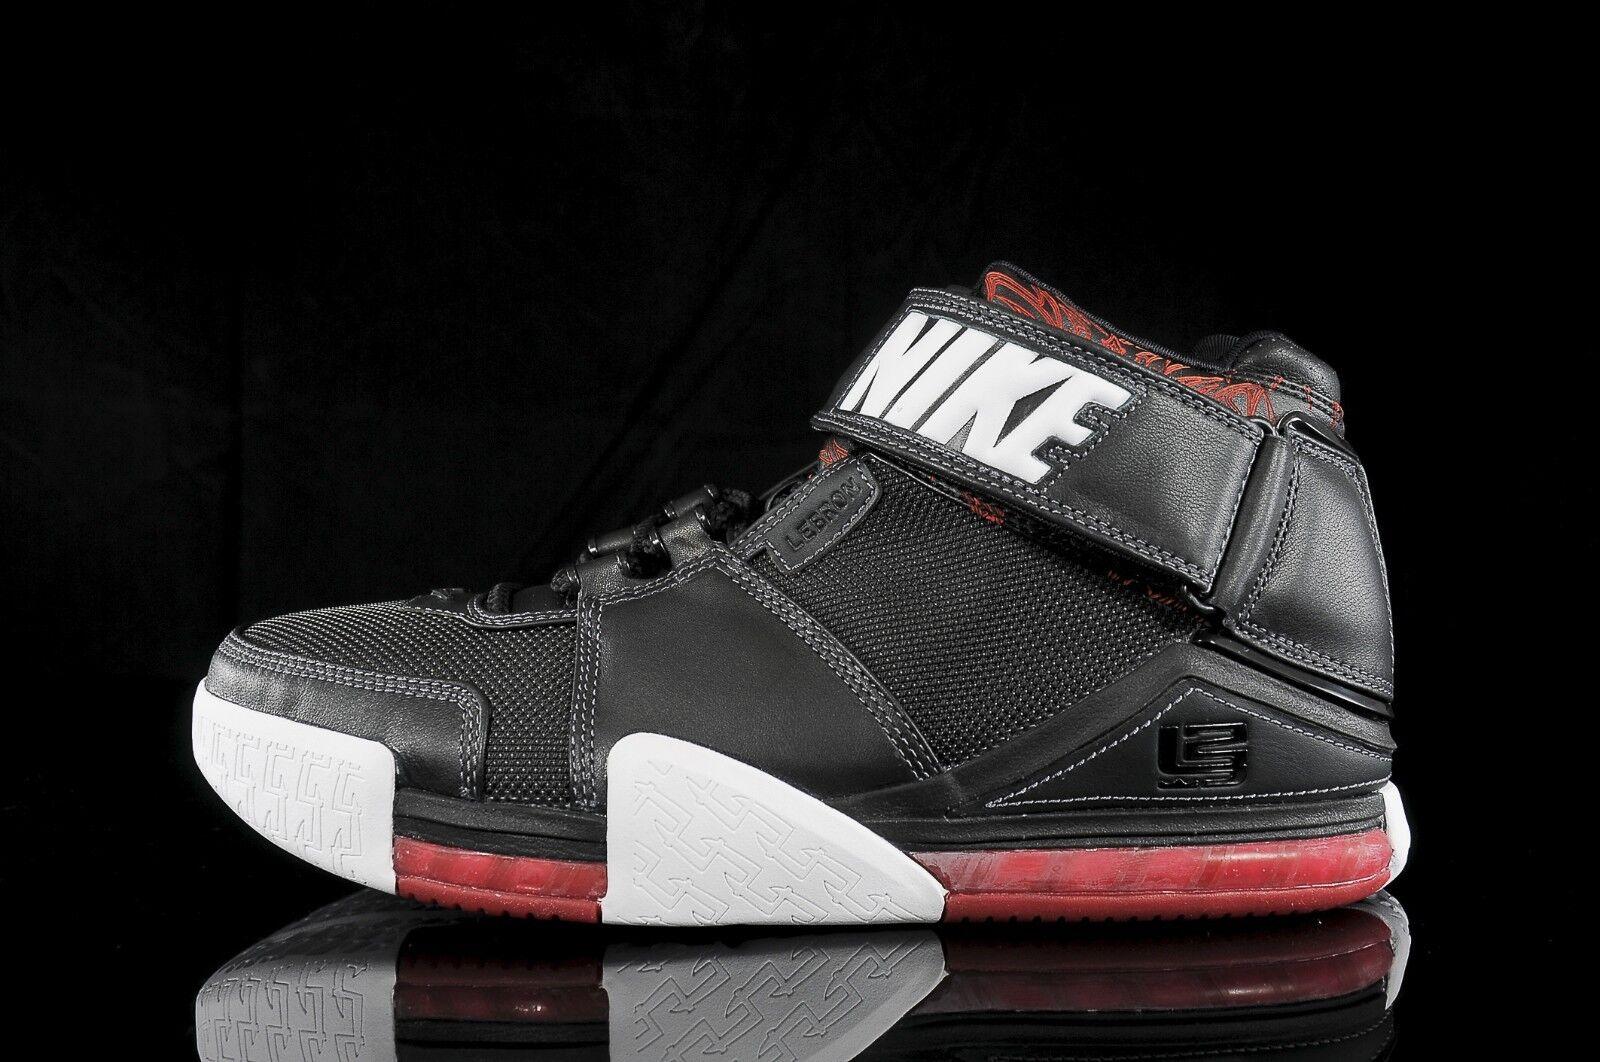 2004 Nike Zoom LeBron 2 II Black Red 1 White Size 11.5. 309378-011 1 Red 3 4 5 6 7f5b46